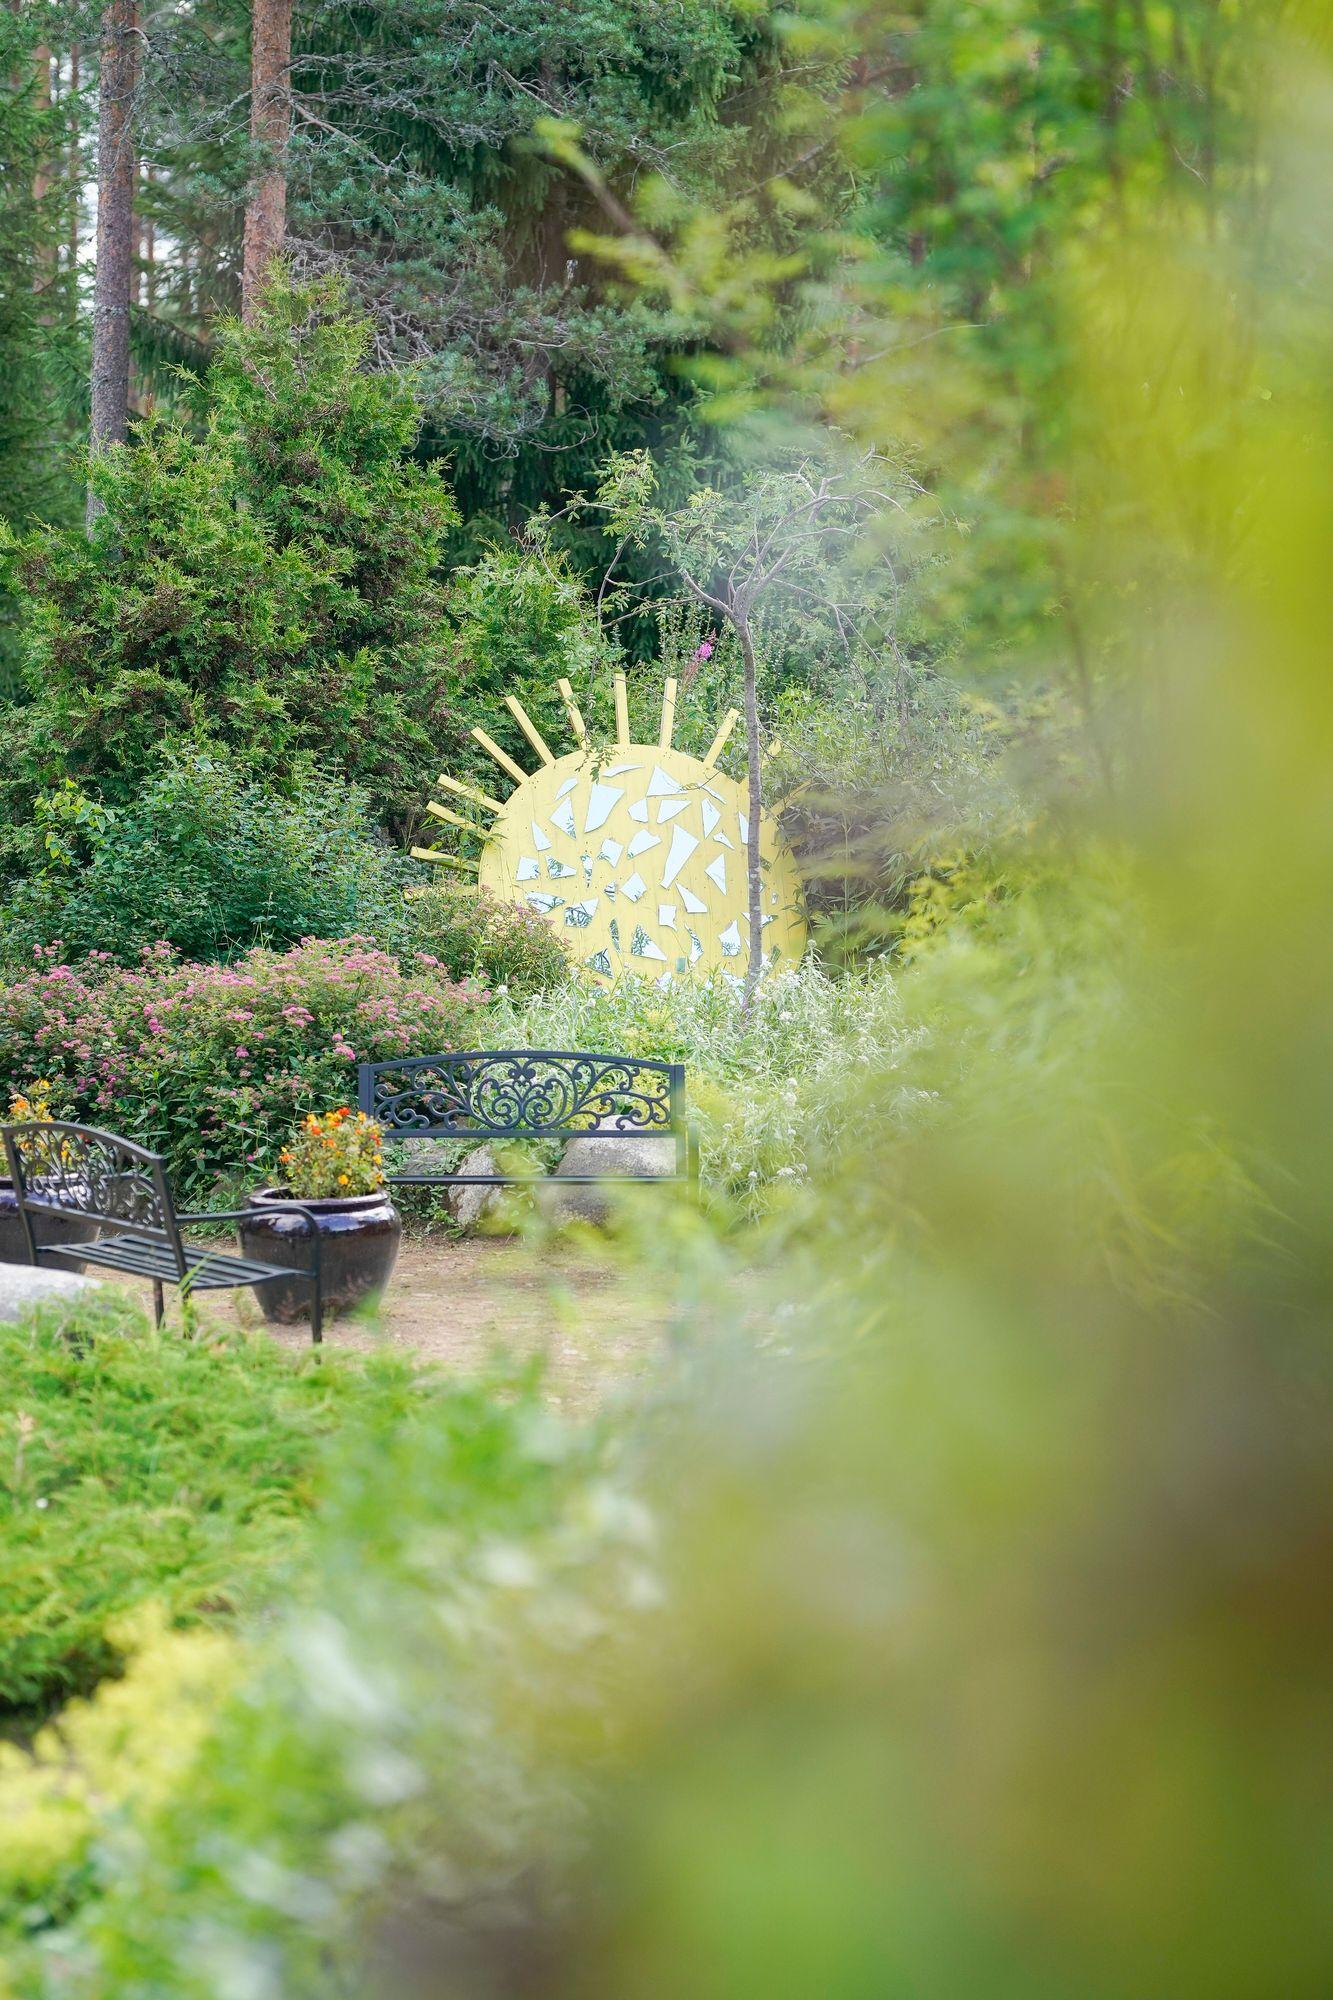 Salaisessa tunteiden puutarhassa paistaa aina aurinko. © Timo Aalto